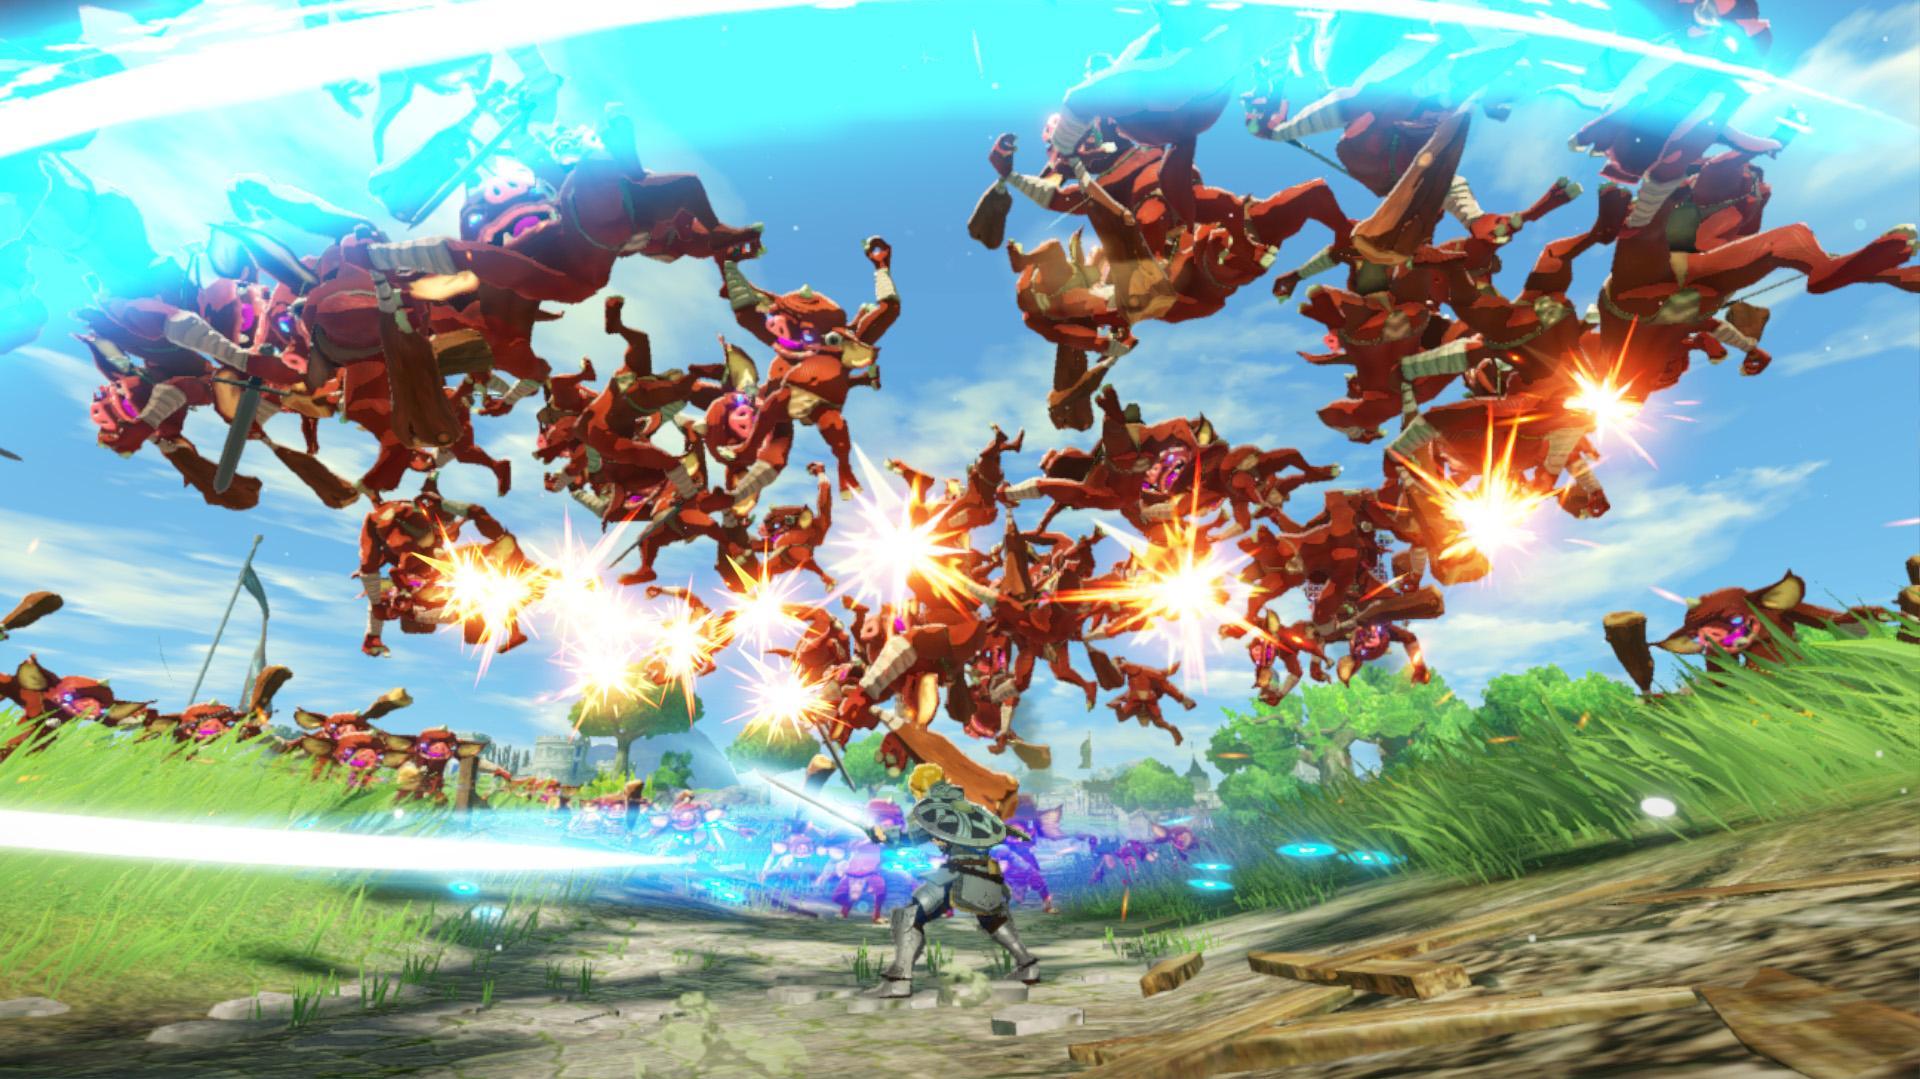 Hyrule Warriors Age Of Calamity Zelda Prequel Zu Breath Of Wild Kommt Heise Online